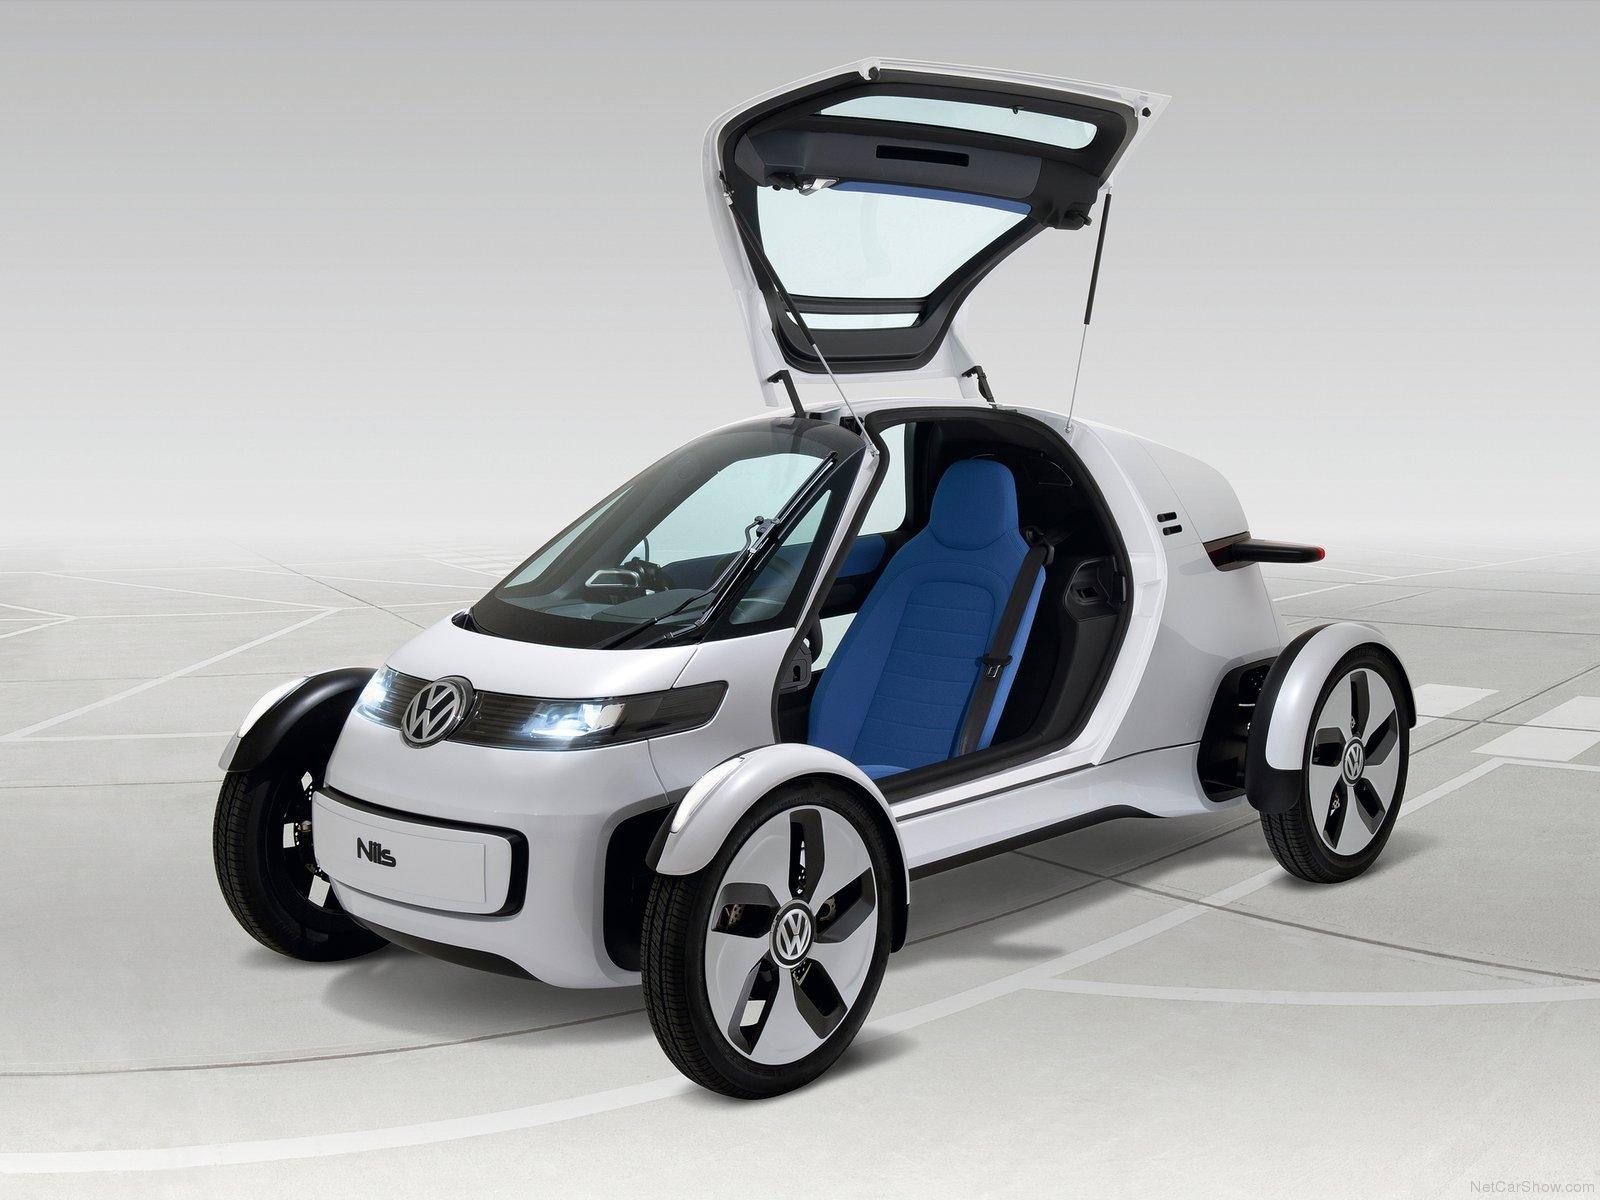 Volkswagen-NILS_Concept_2011_1600x1200_wallpaper_03